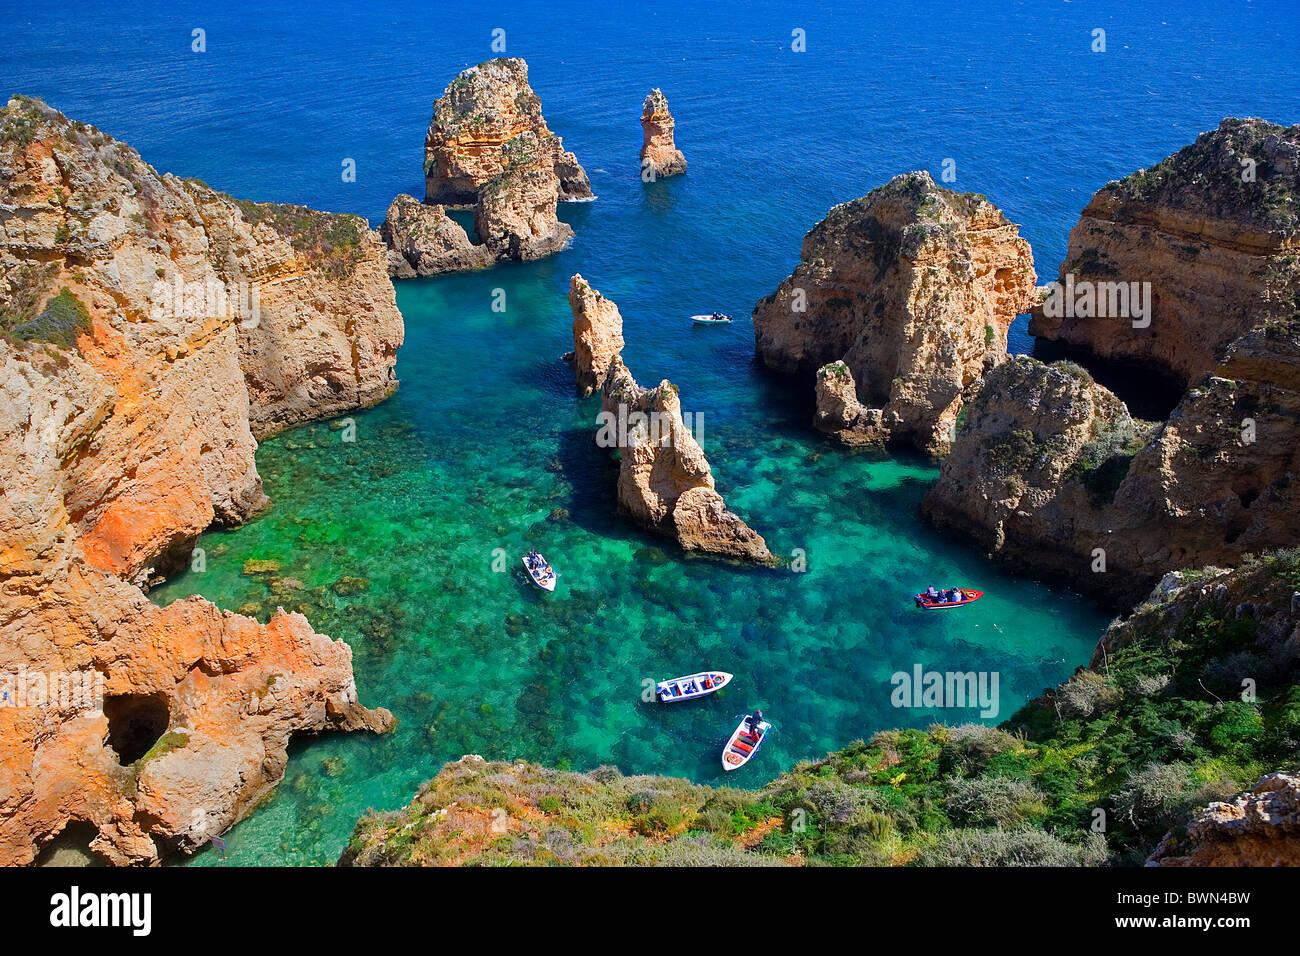 Europa Portugal Algarve paisaje mar océano rocky rock water playa vacaciones pueblo vacaciones Imagen De Stock